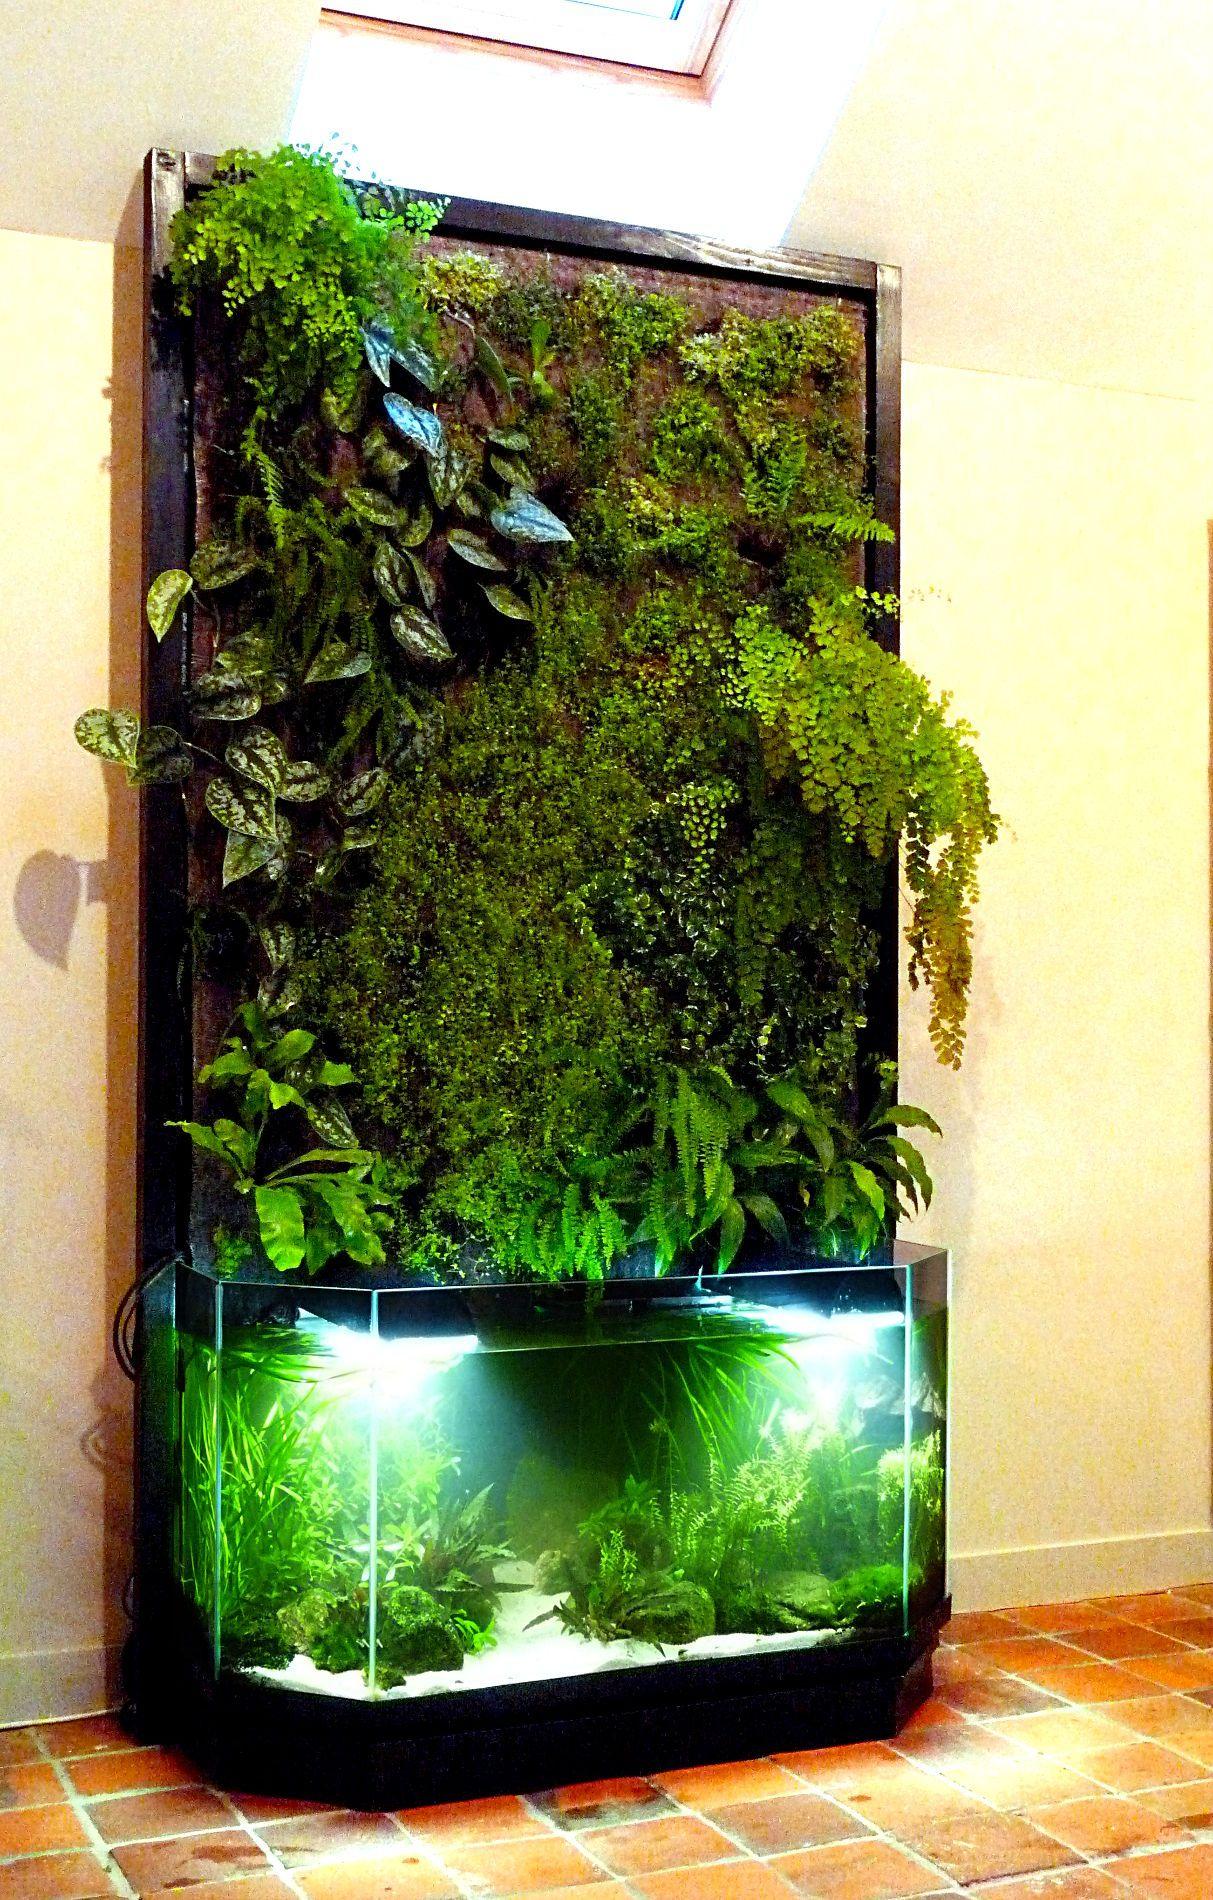 Fish for vertical aquarium - Aquaponics And Green Wall Design Nature